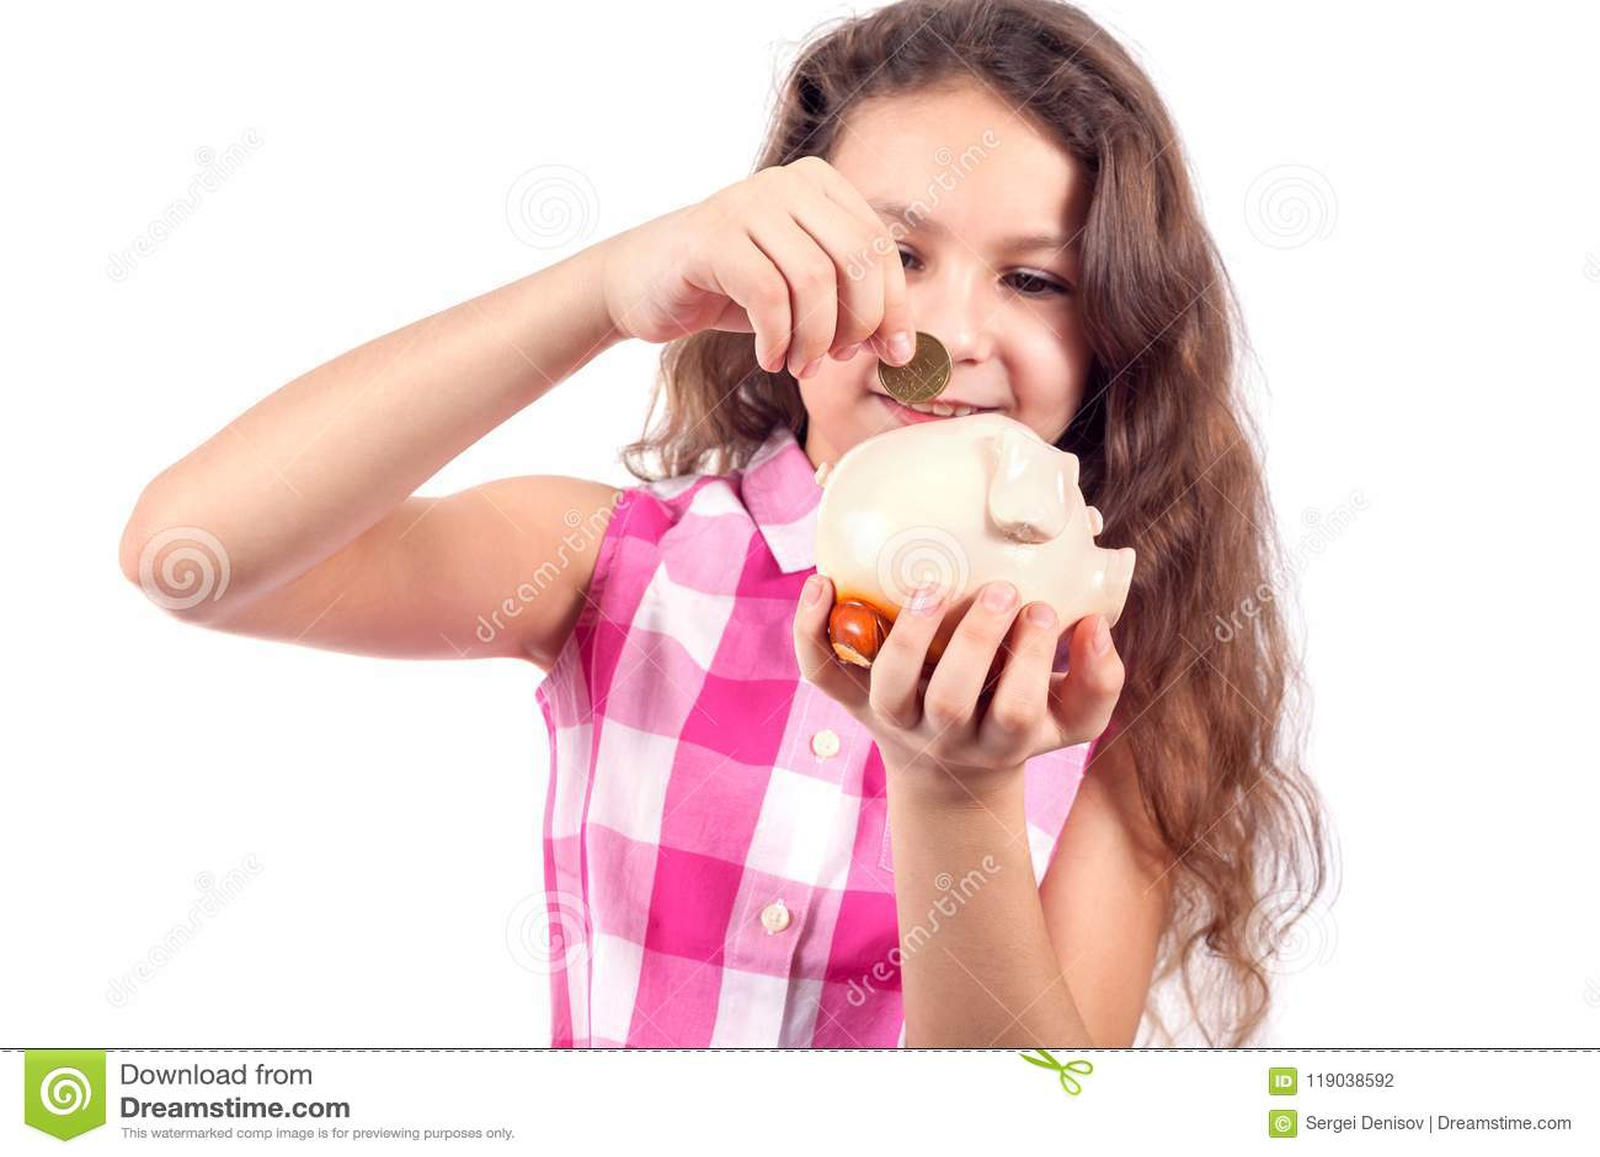 La niña linda pone una moneda en un banco cerdo-guarro